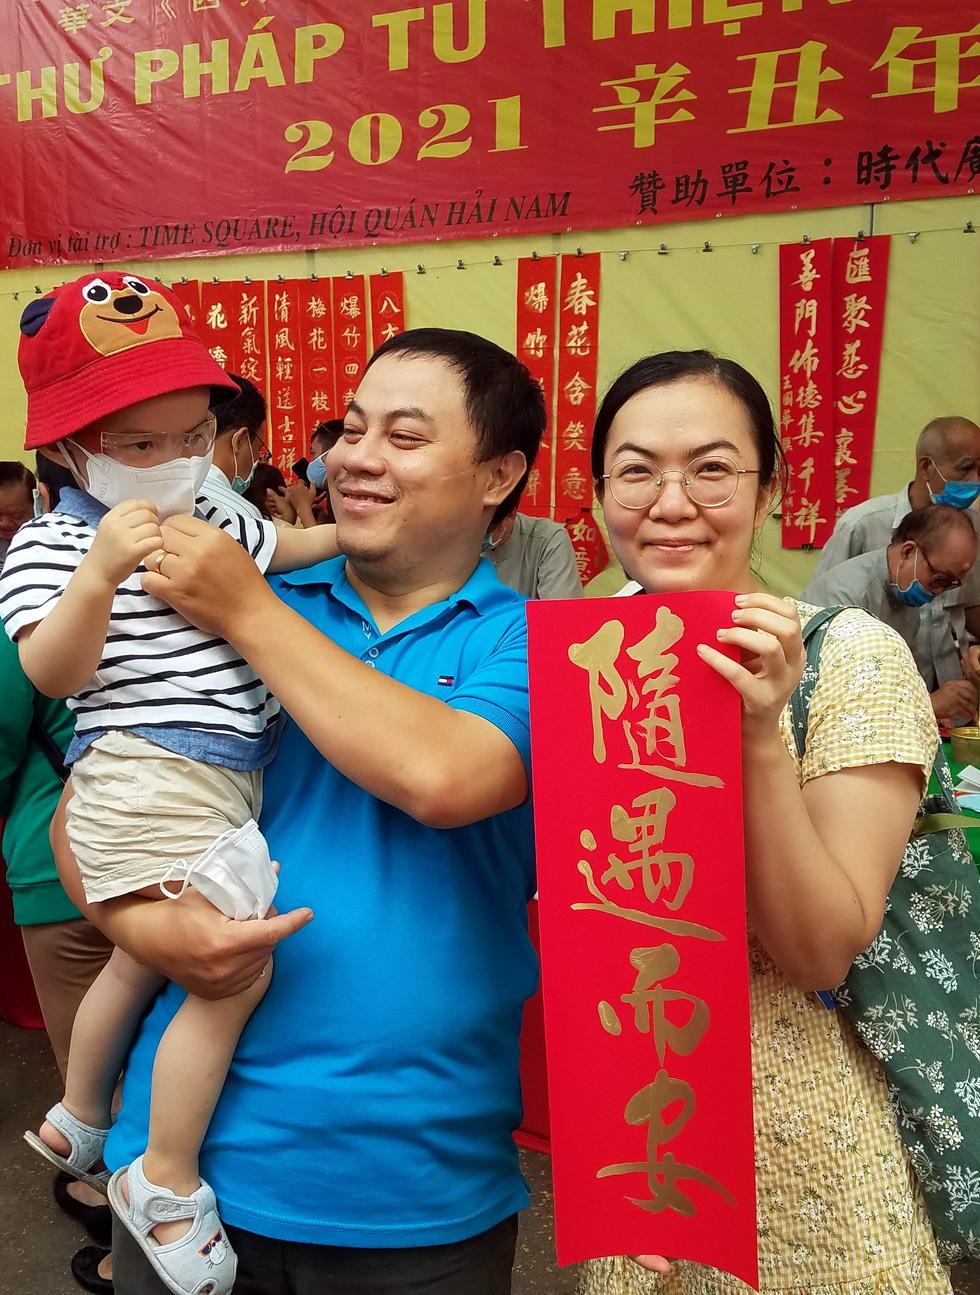 Thư pháp gia người Hoa cho chữ năm mới cầu mong dịch bệnh tiêu trừ - Ảnh 7.